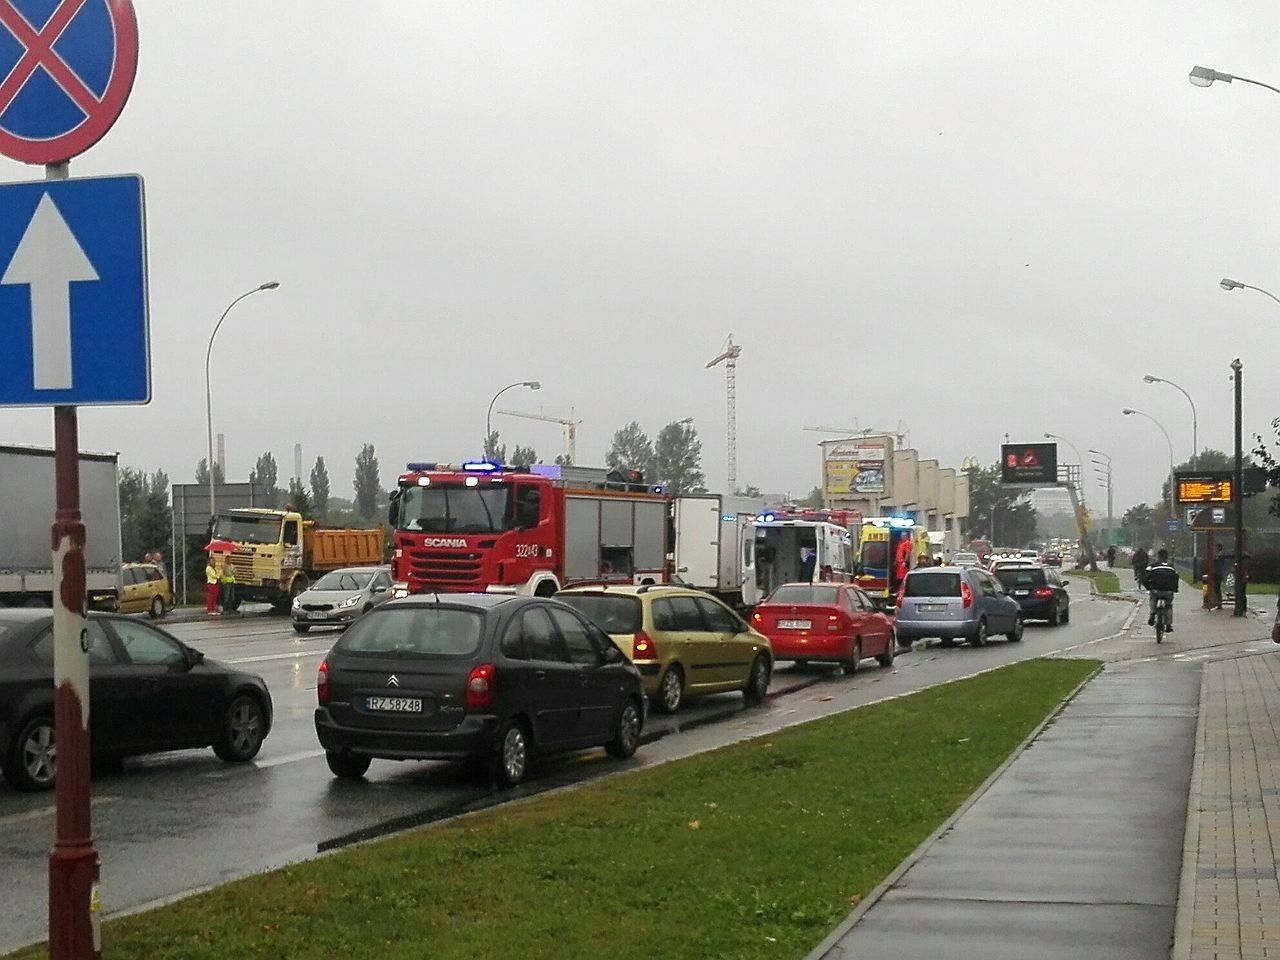 Zdjęcie: Pan Robert / Czytelnik Rzeszów News